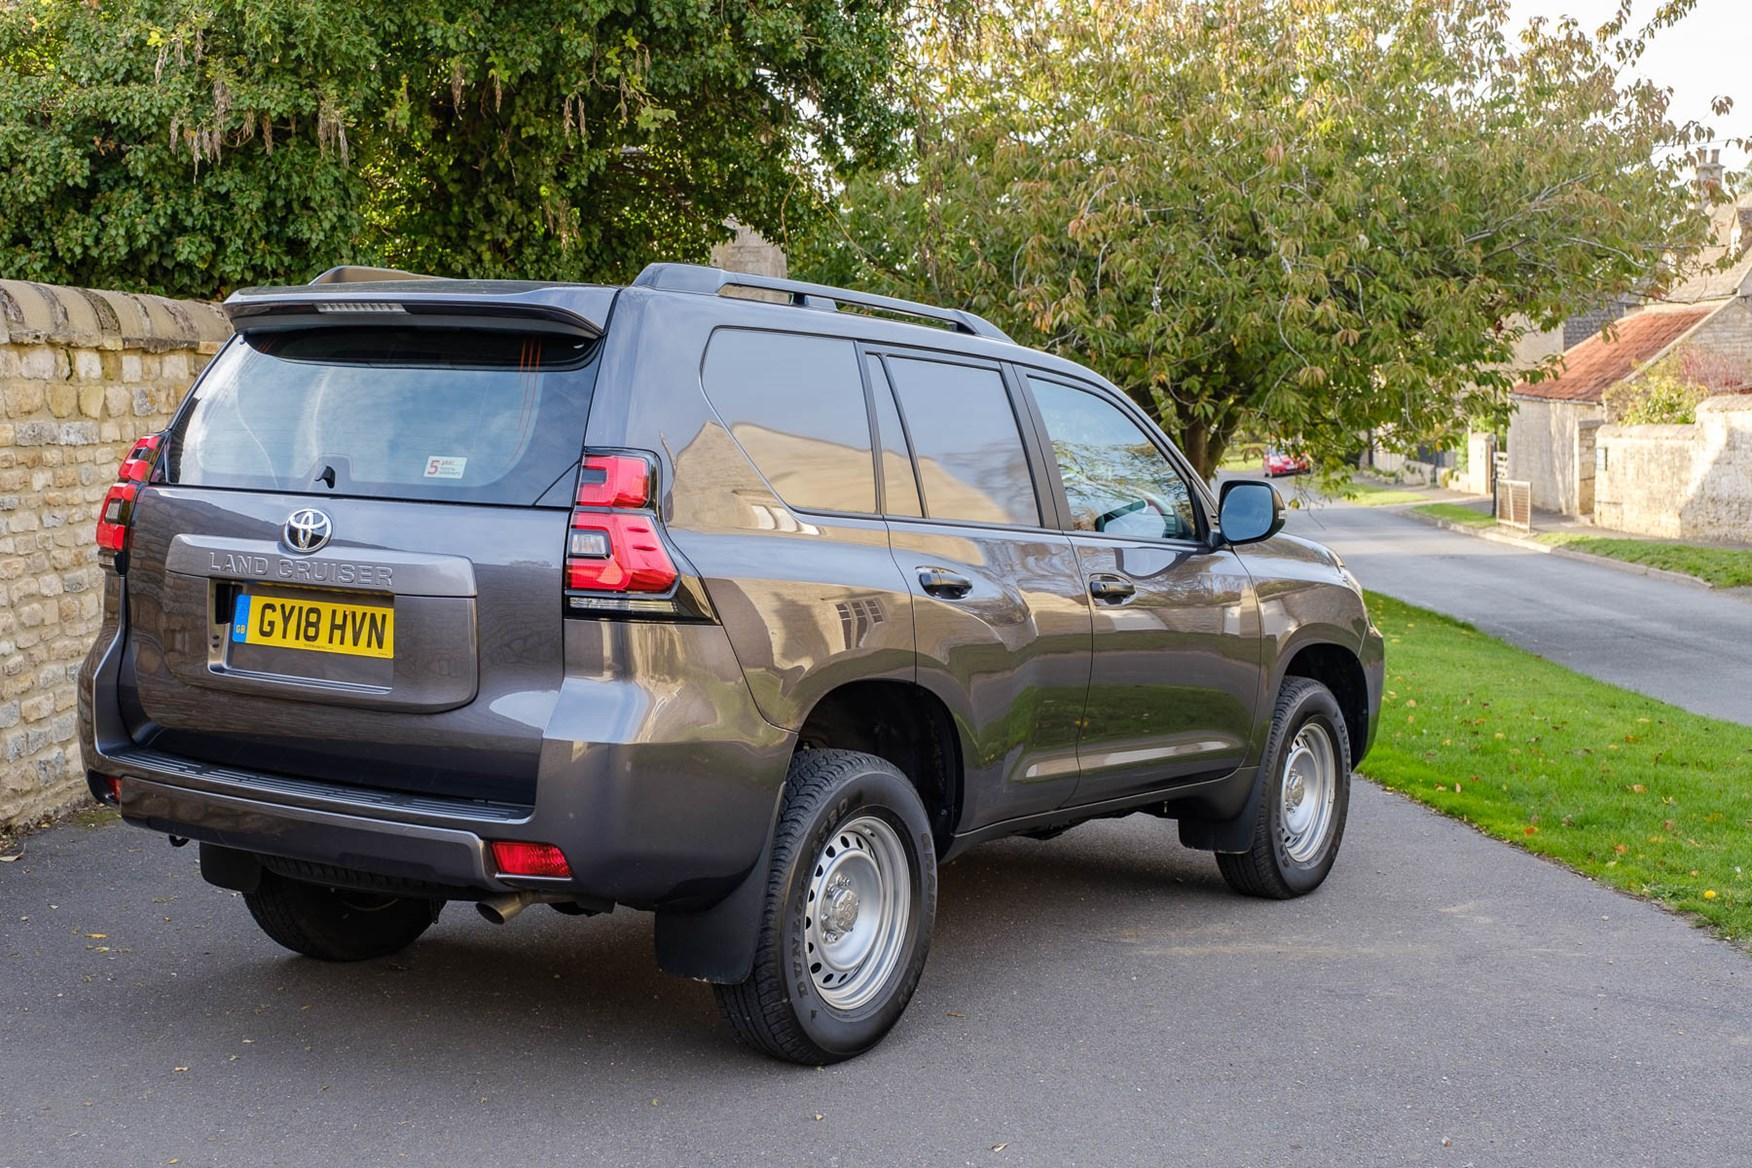 Toyota Land Cruiser Utility - LWB - rear side